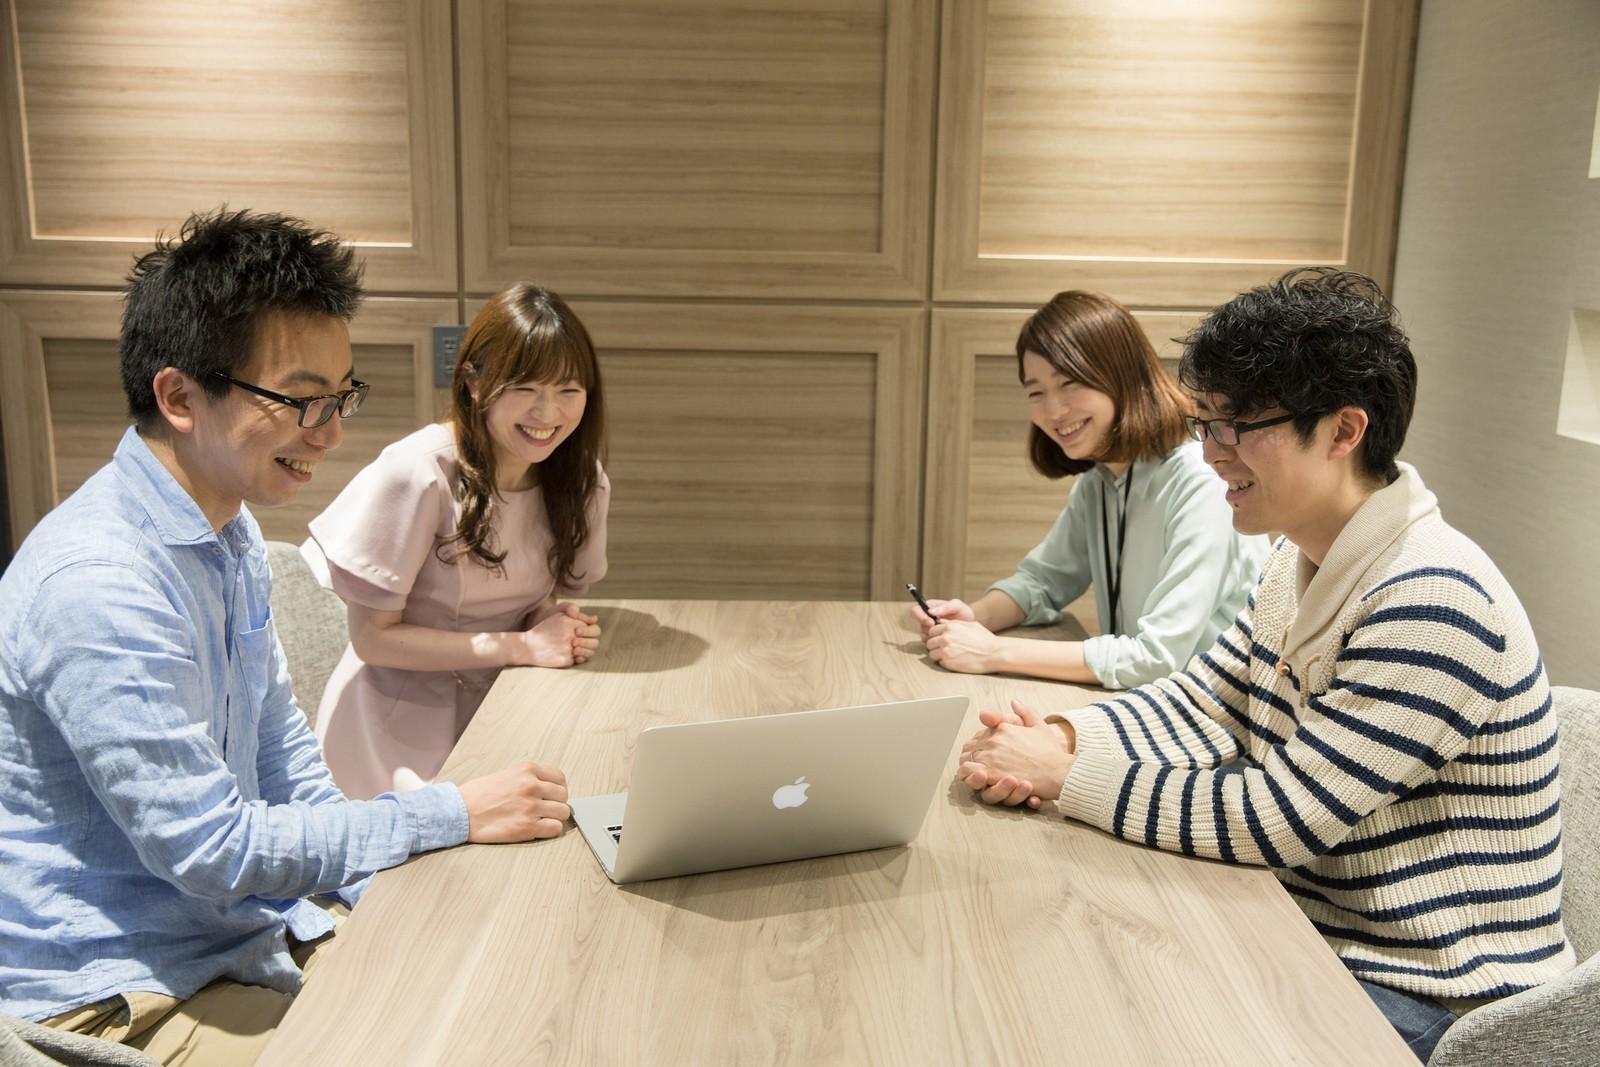 【月平均残業5時間以下】急成長の新サービス!未来の日本のダイバーシティ化に貢献する「住まい×IT」を開発するWebアプリエンジニア募集